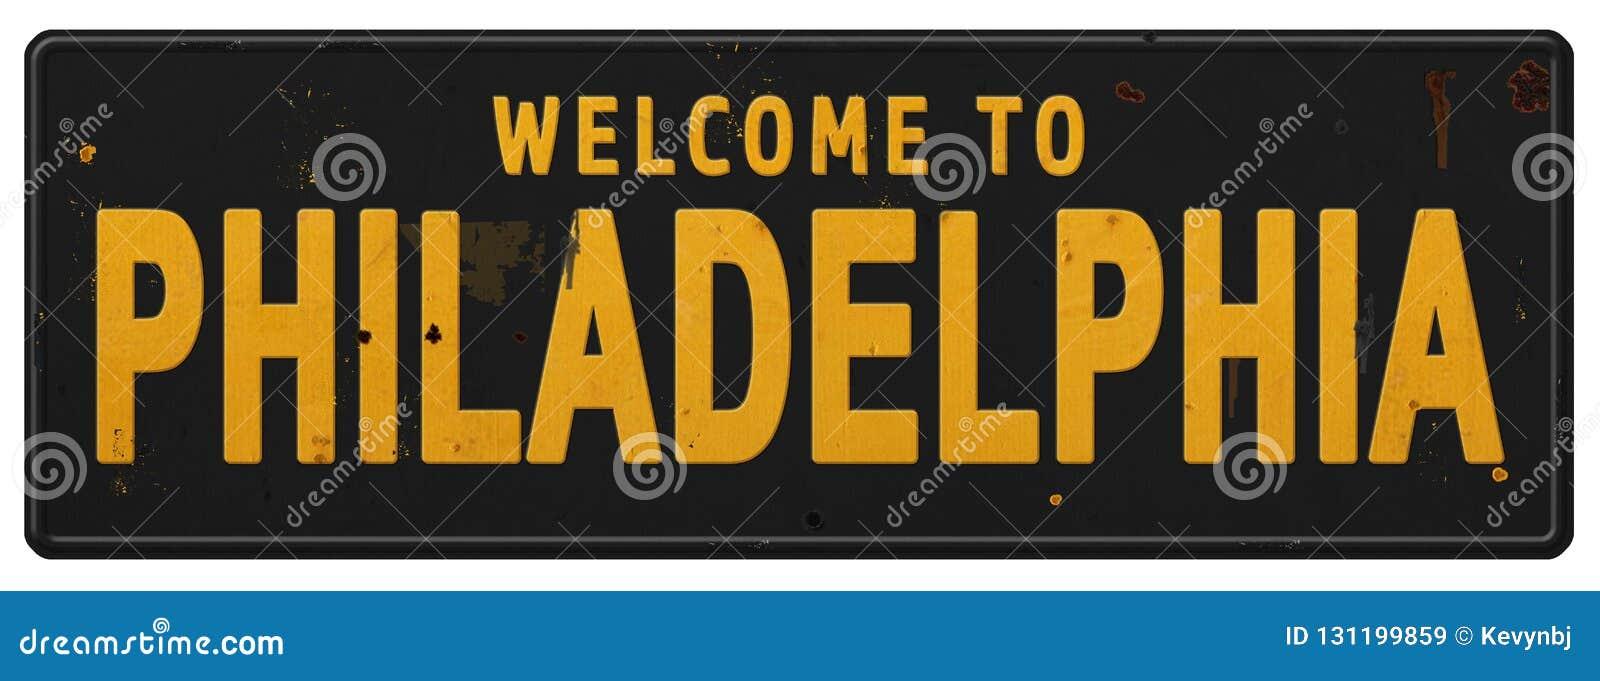 Philadelphia Vintage Street Sign Welcome Grunge Antique